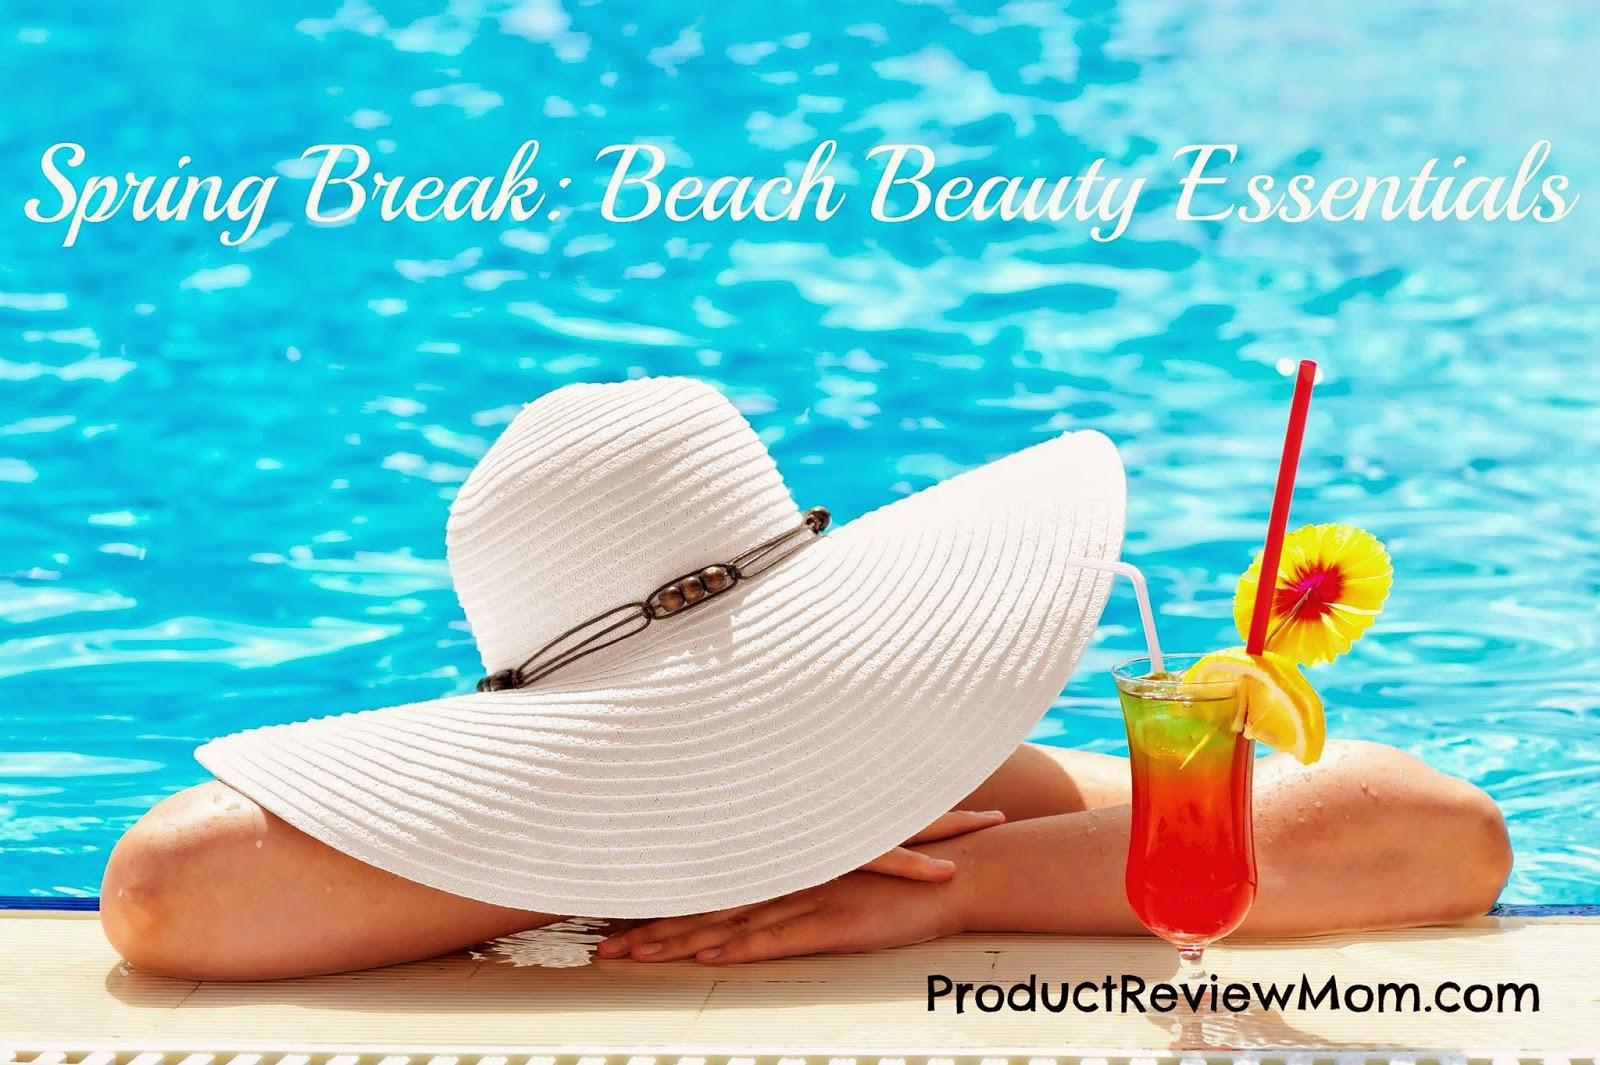 Spring Break: Beach Beauty Essentials  via www.productreviewmom.com